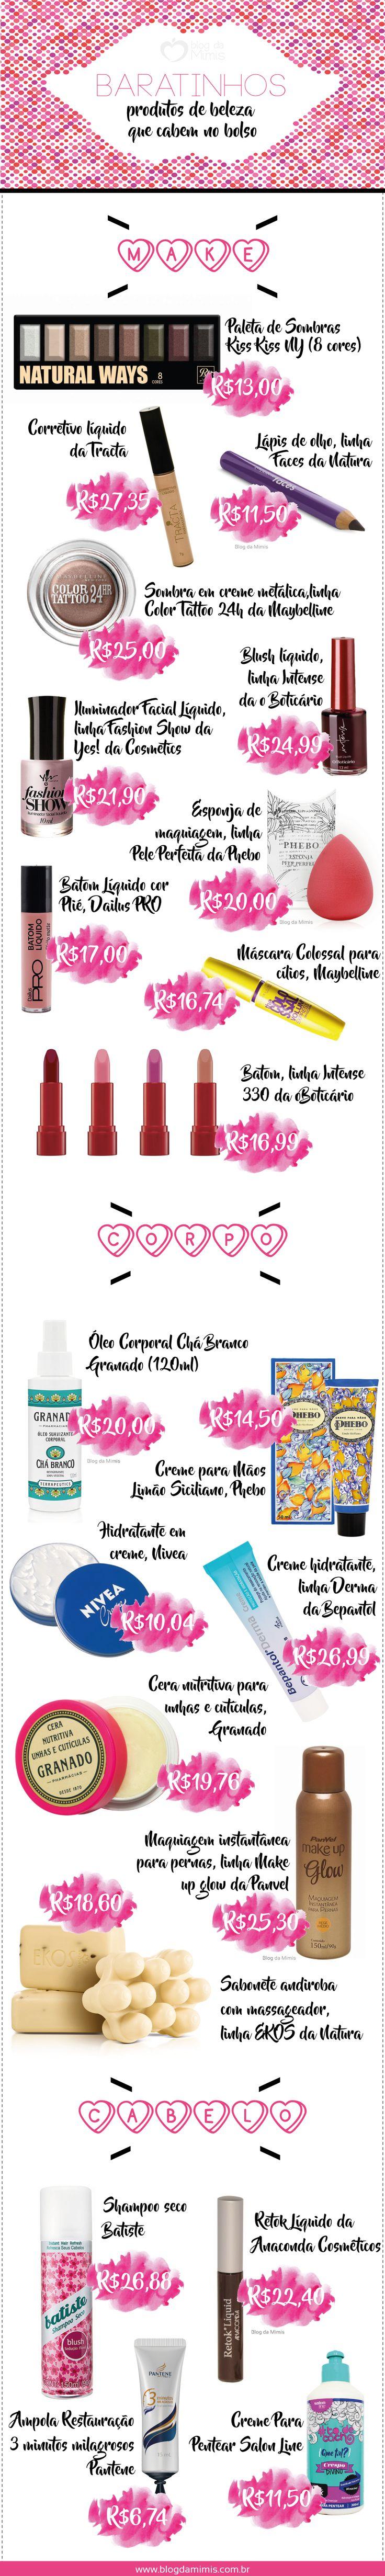 Baratinhos: produtos de beleza que cabem no bolso - Blog da Mimis - #beleza #make #dicadeprodutos #dicas #beauty #batom #barato #economia